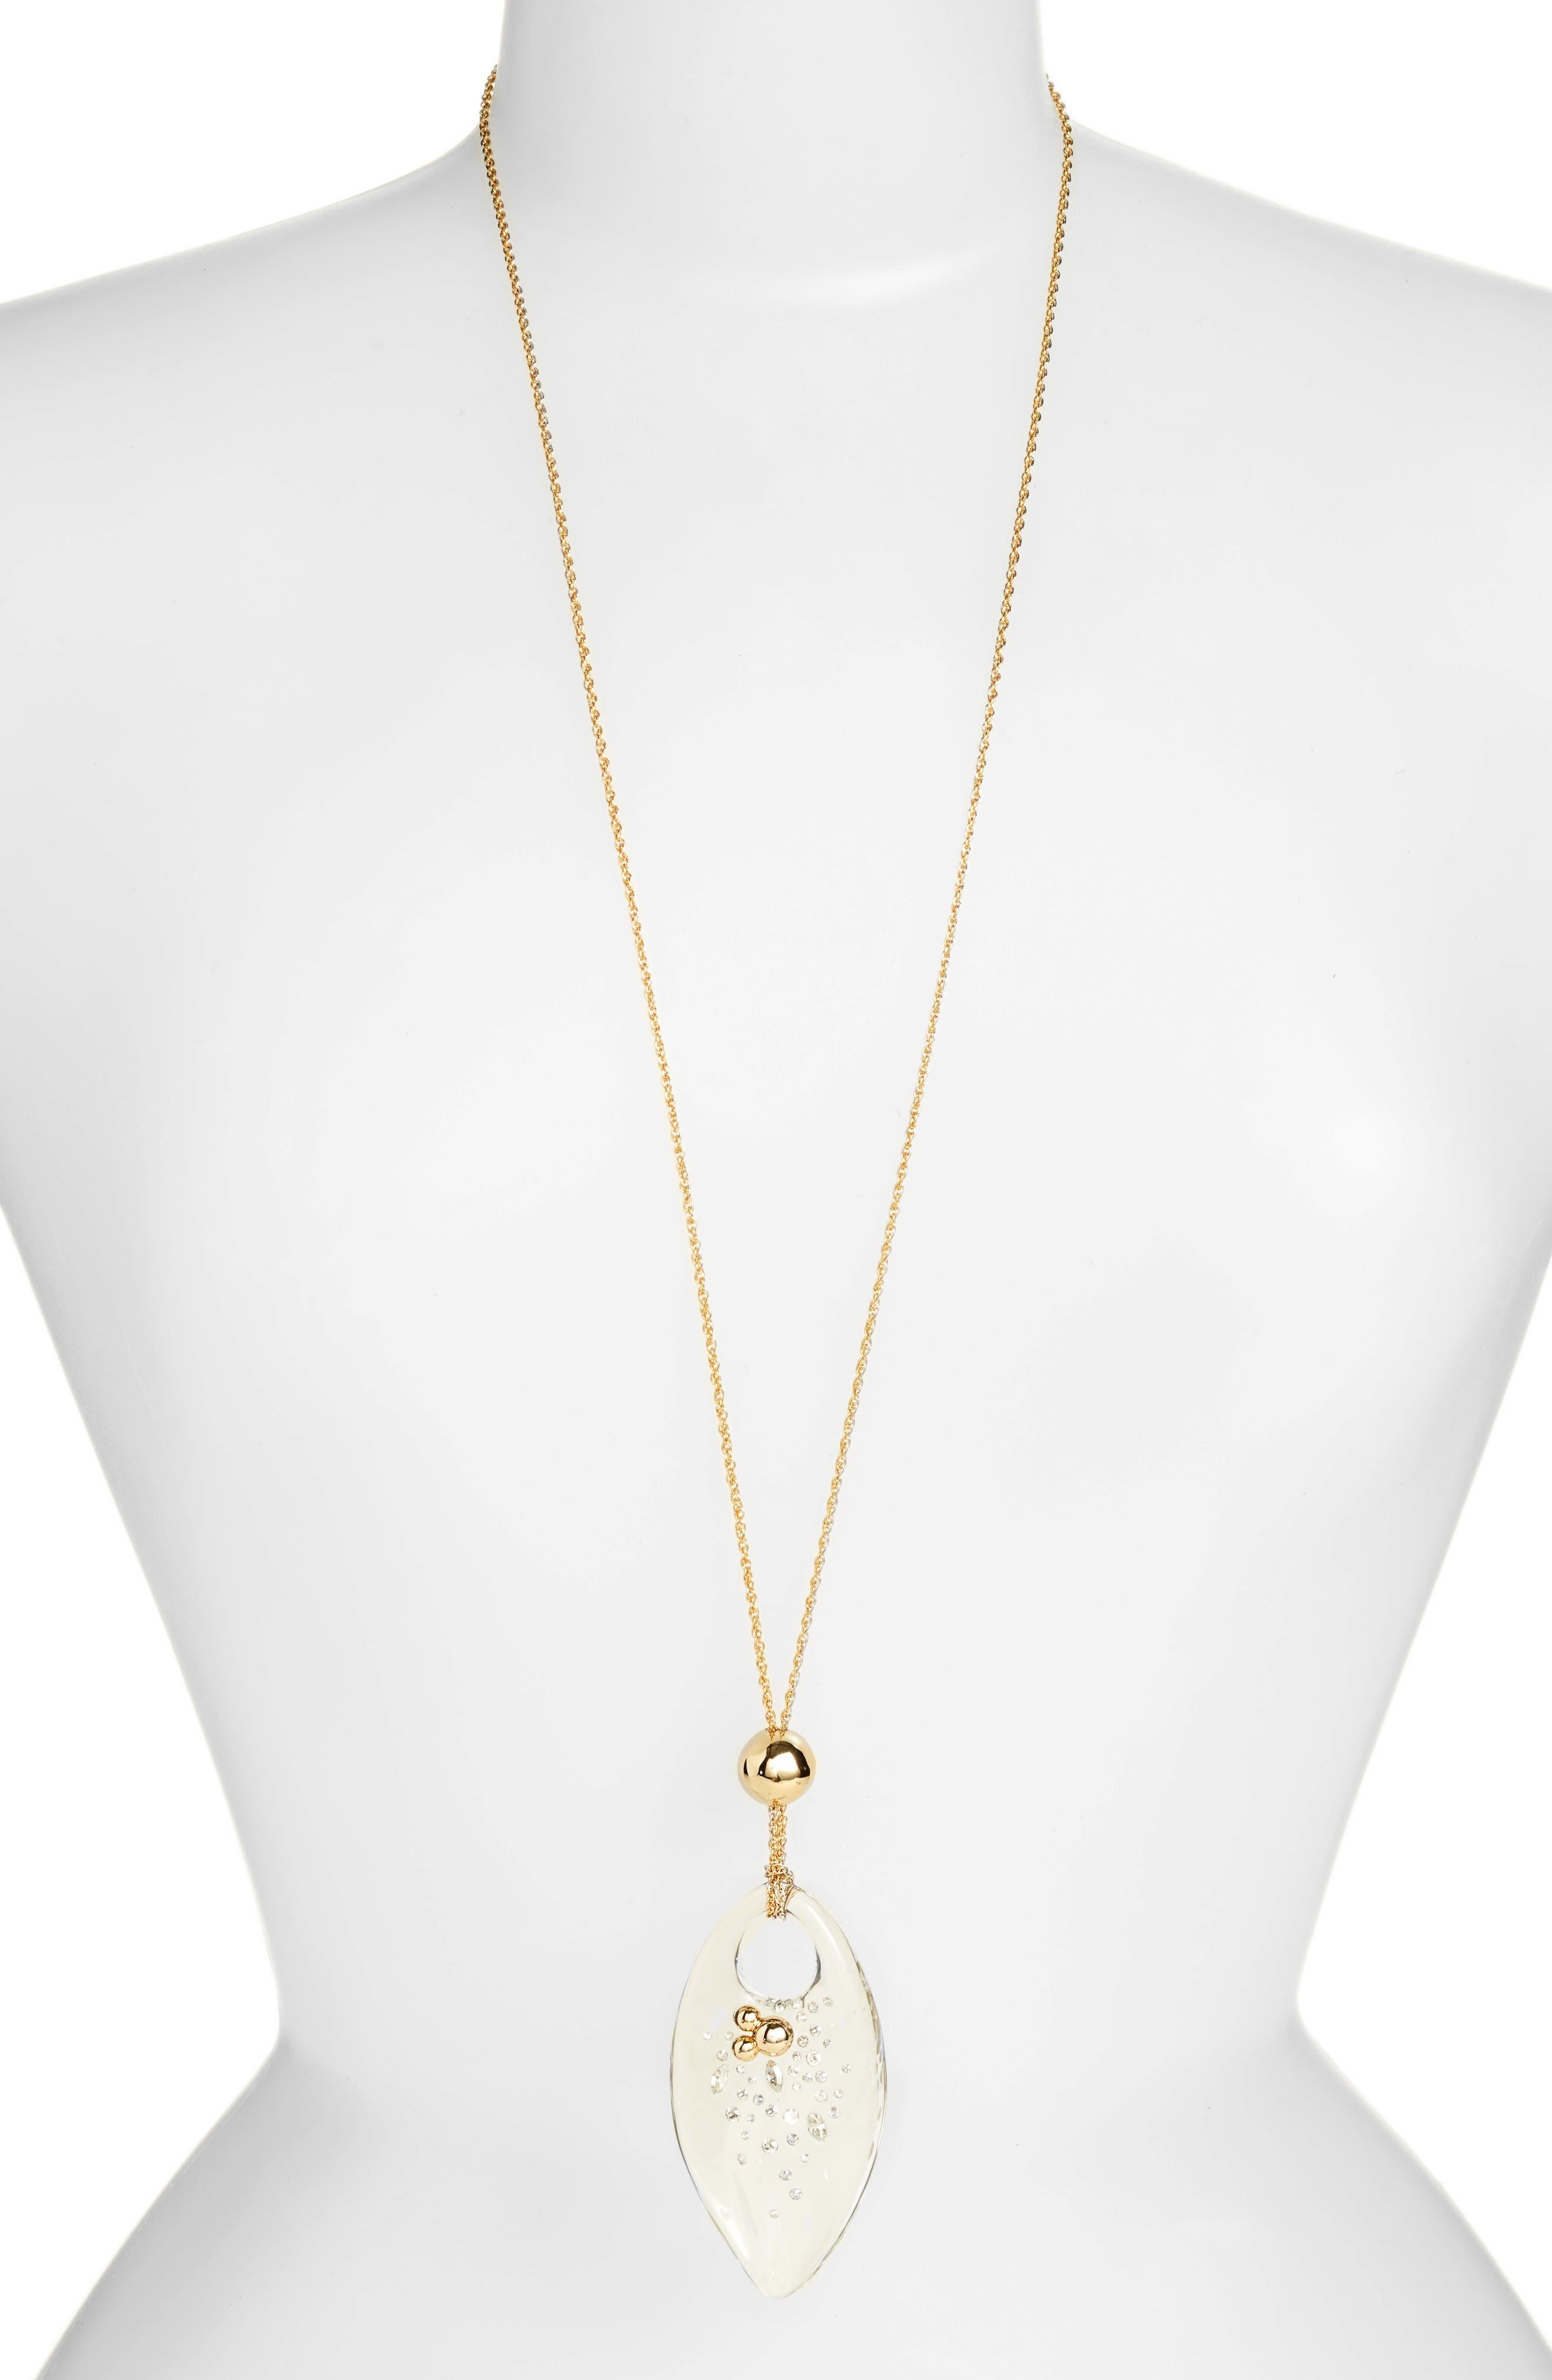 Lucite<sup>®</sup> Pendant Necklace,                             Main thumbnail 1, color,                             Clear